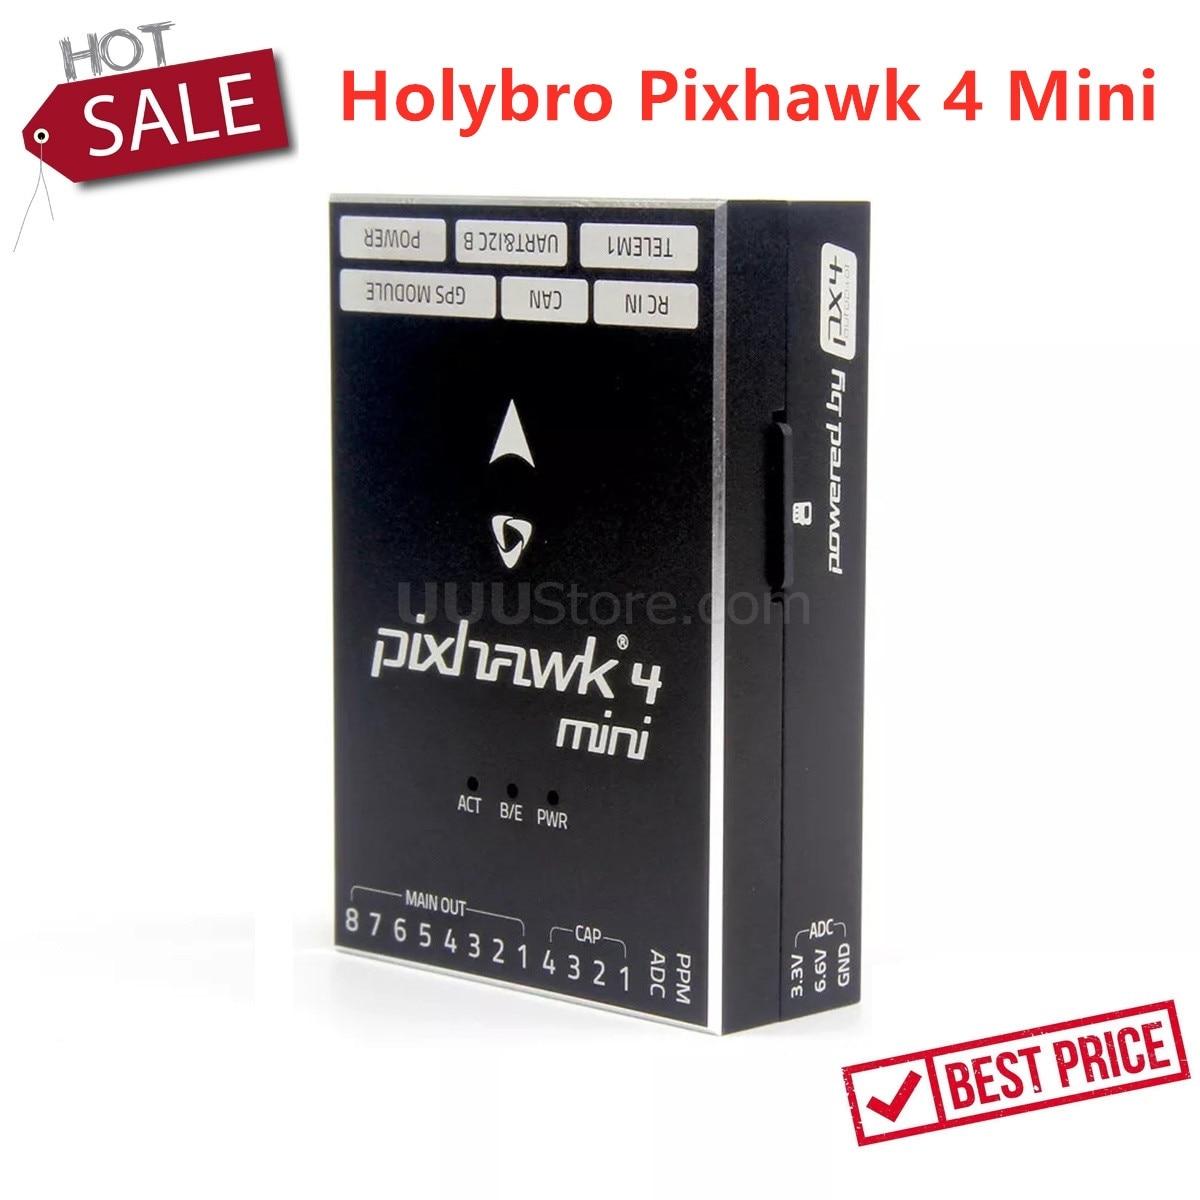 Holybro Pixhawk 4 Mini Autopilot Flight Controller PX4 flight control Pixhawk4 mini For RC FPV Drone(China)